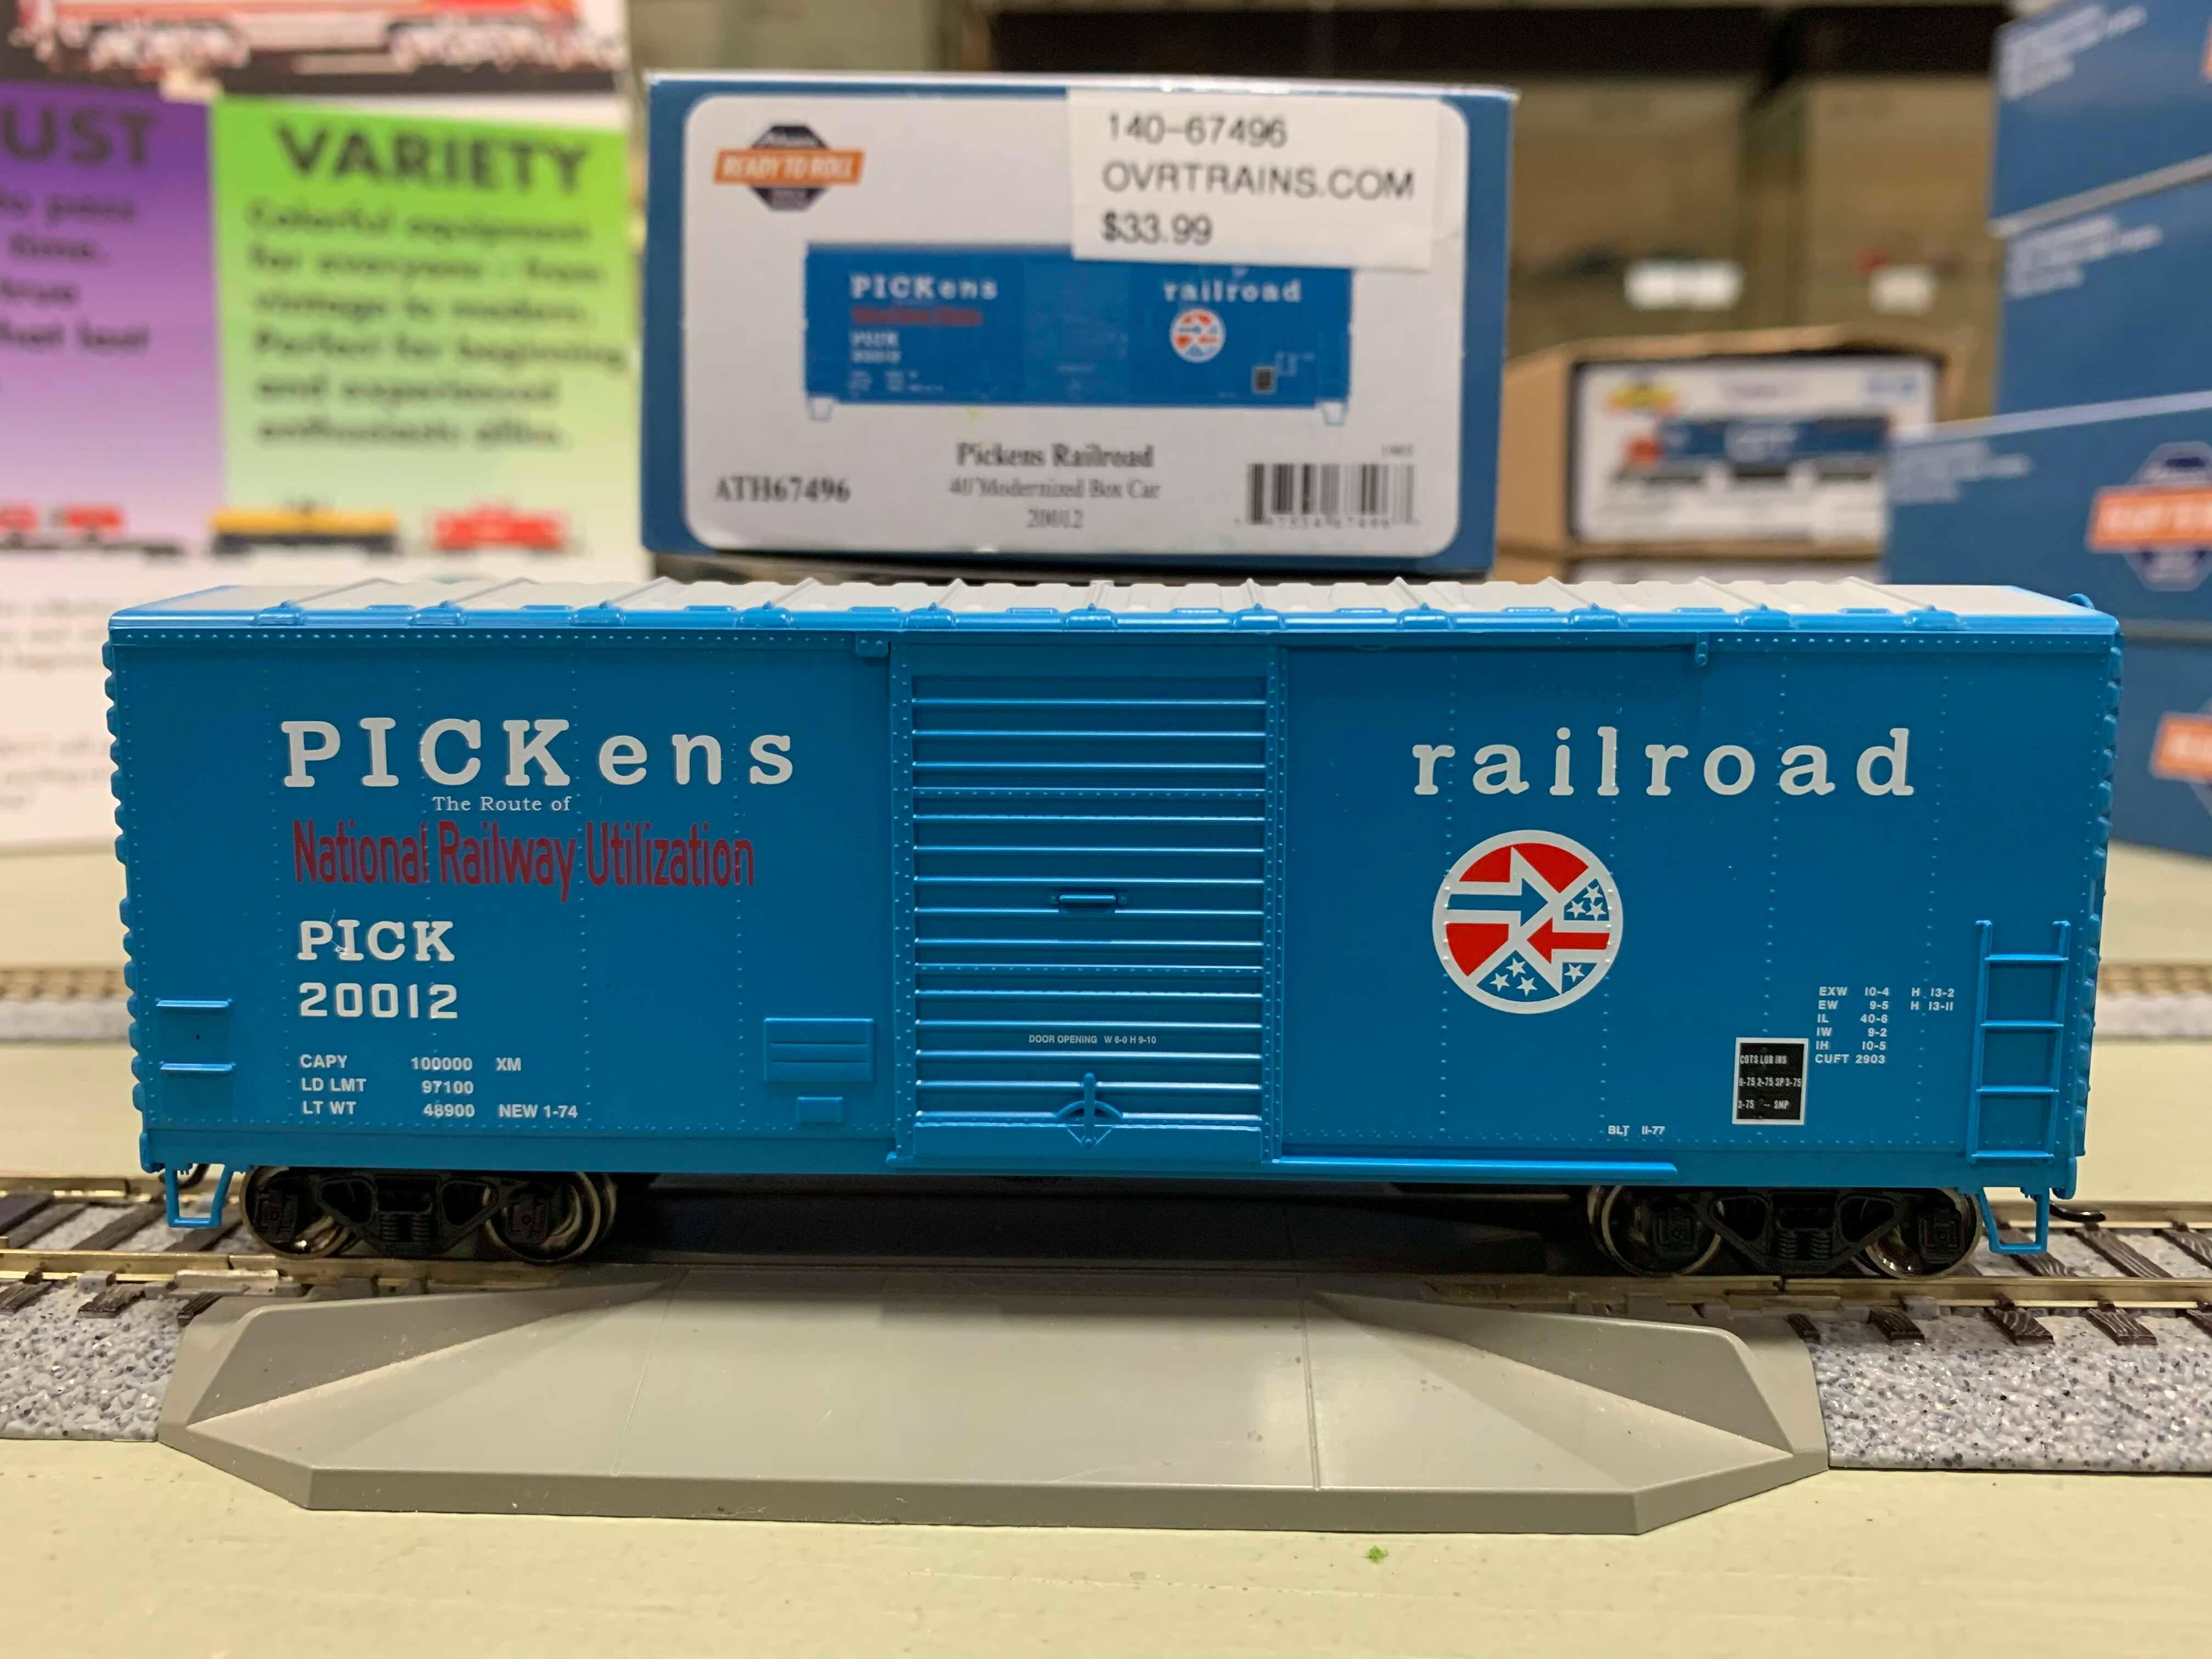 Athearn RTR 67496 HO - 40 Ft Modernized Box - PICK #20012